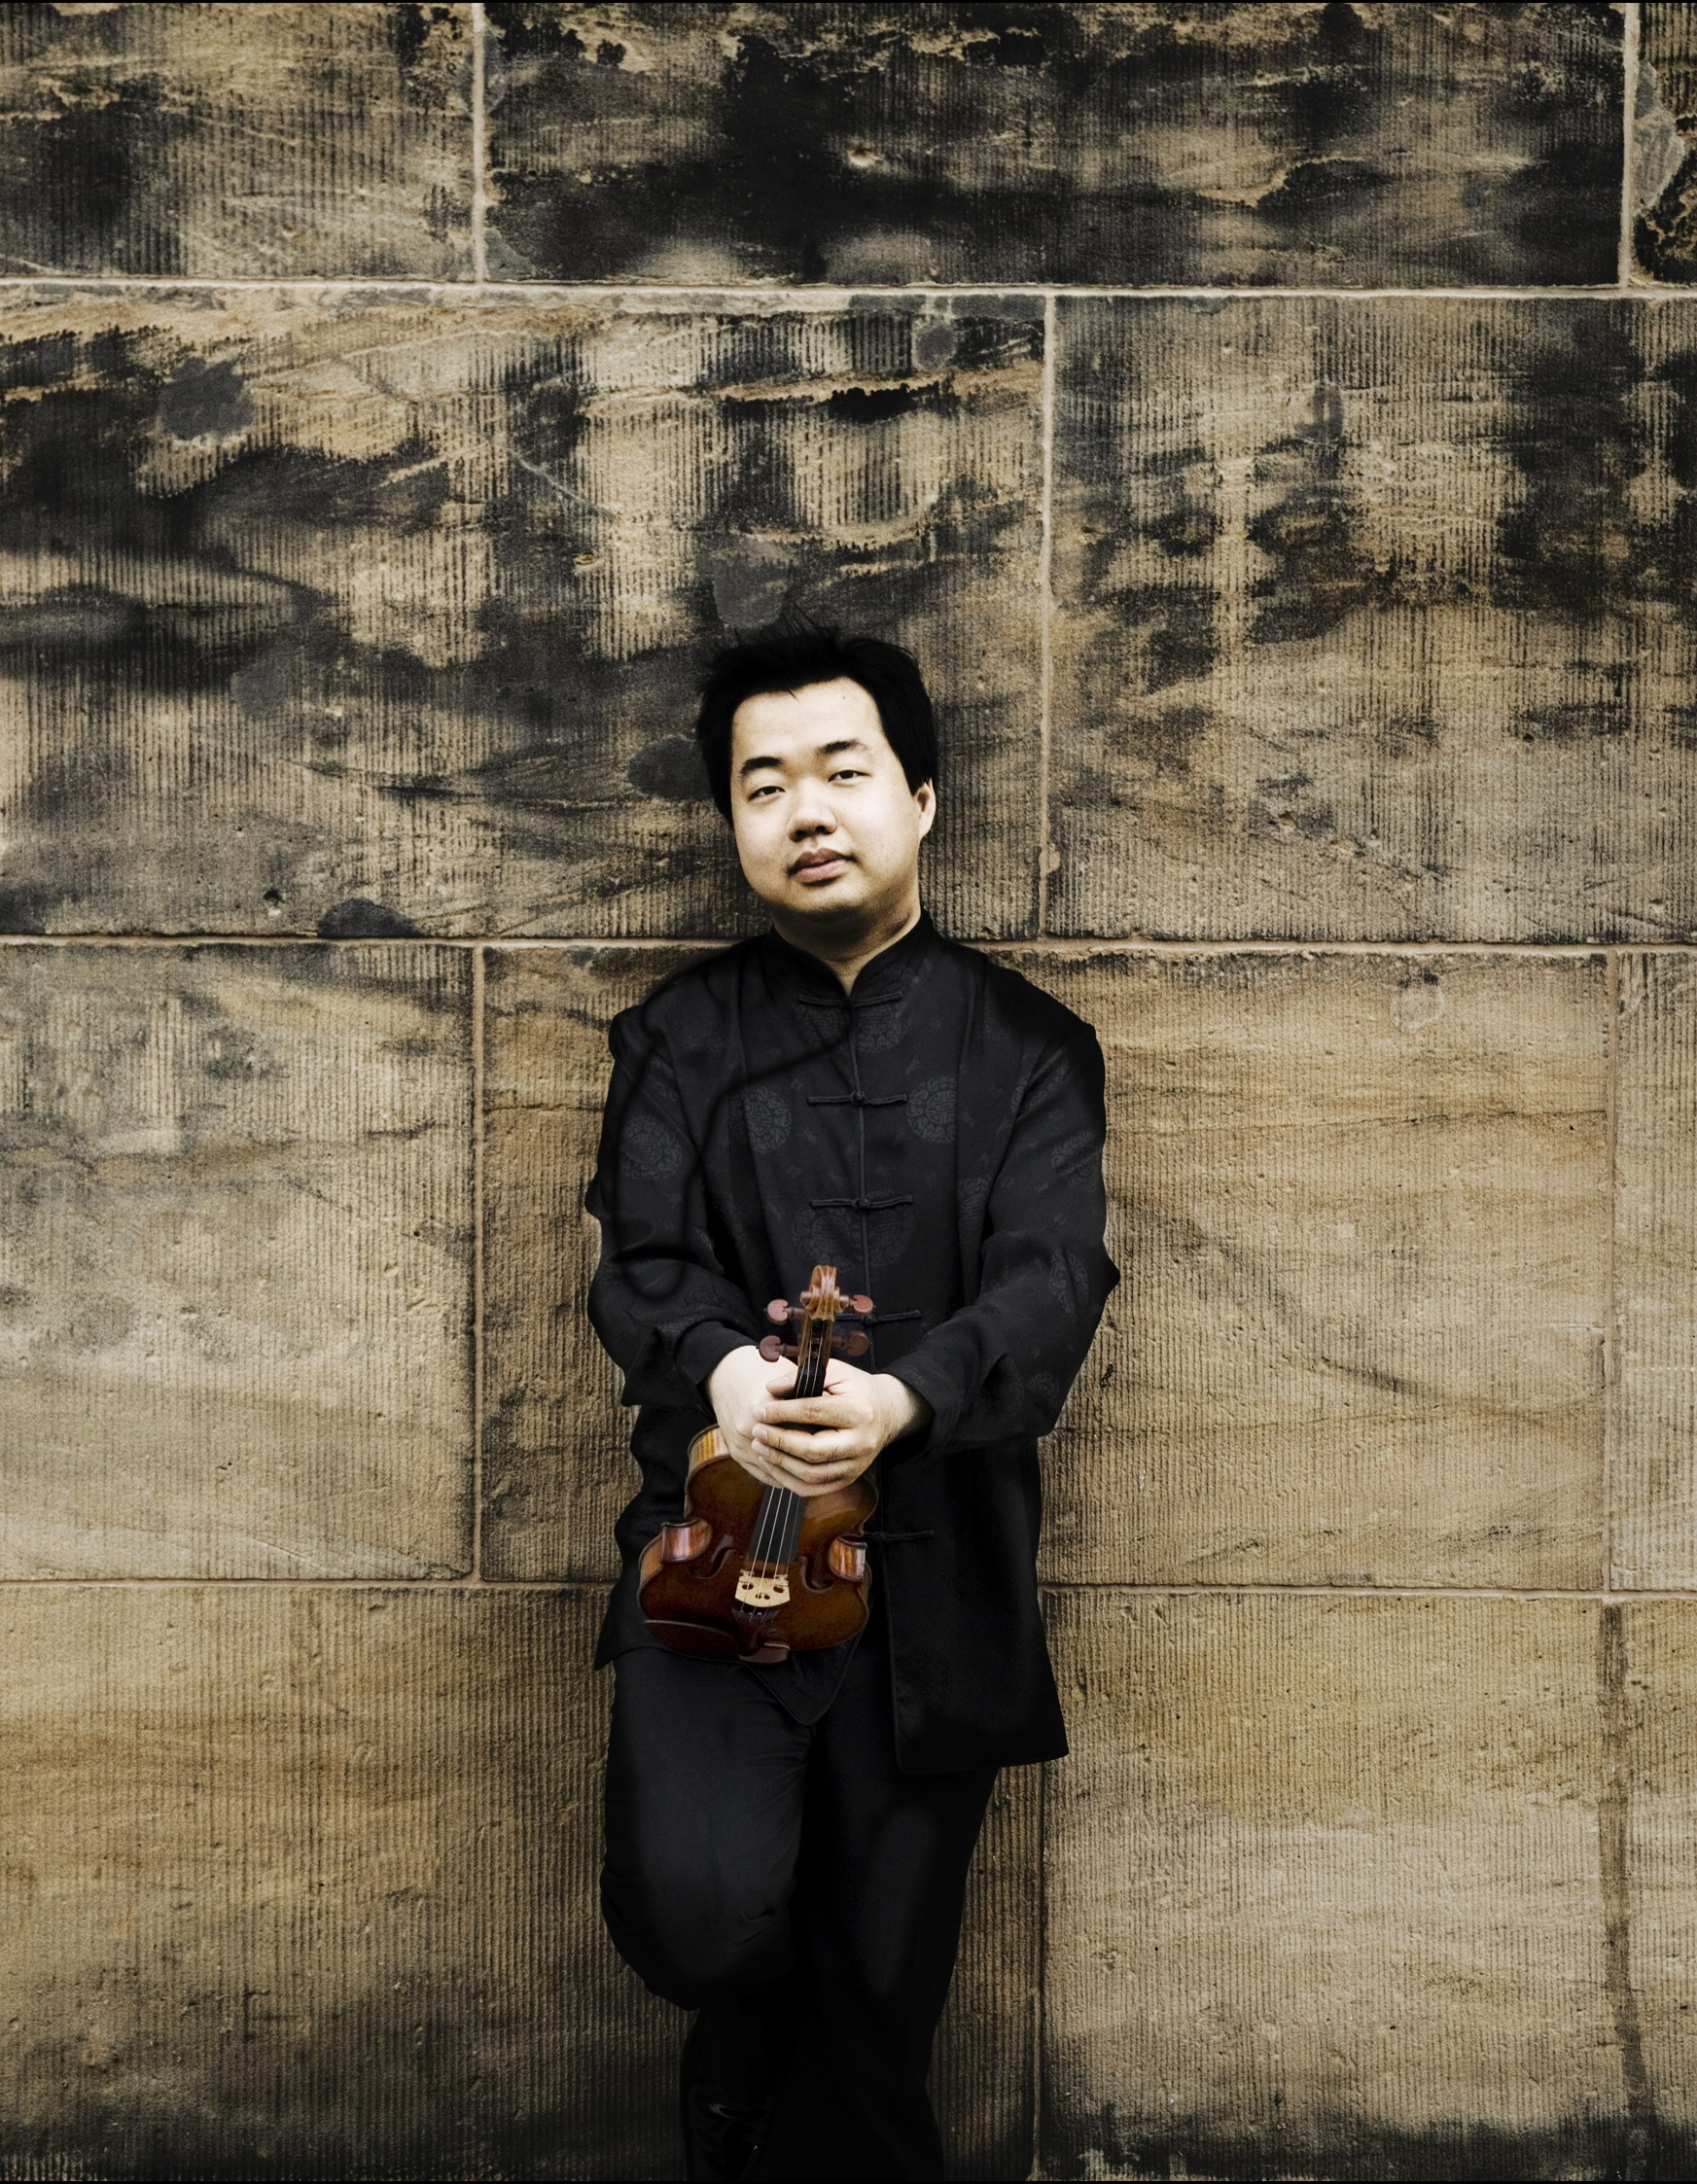 【XSO2020樂季】寧峰 貝多芬小提琴與樂隊作品全集、柏遼茲幻想交響曲